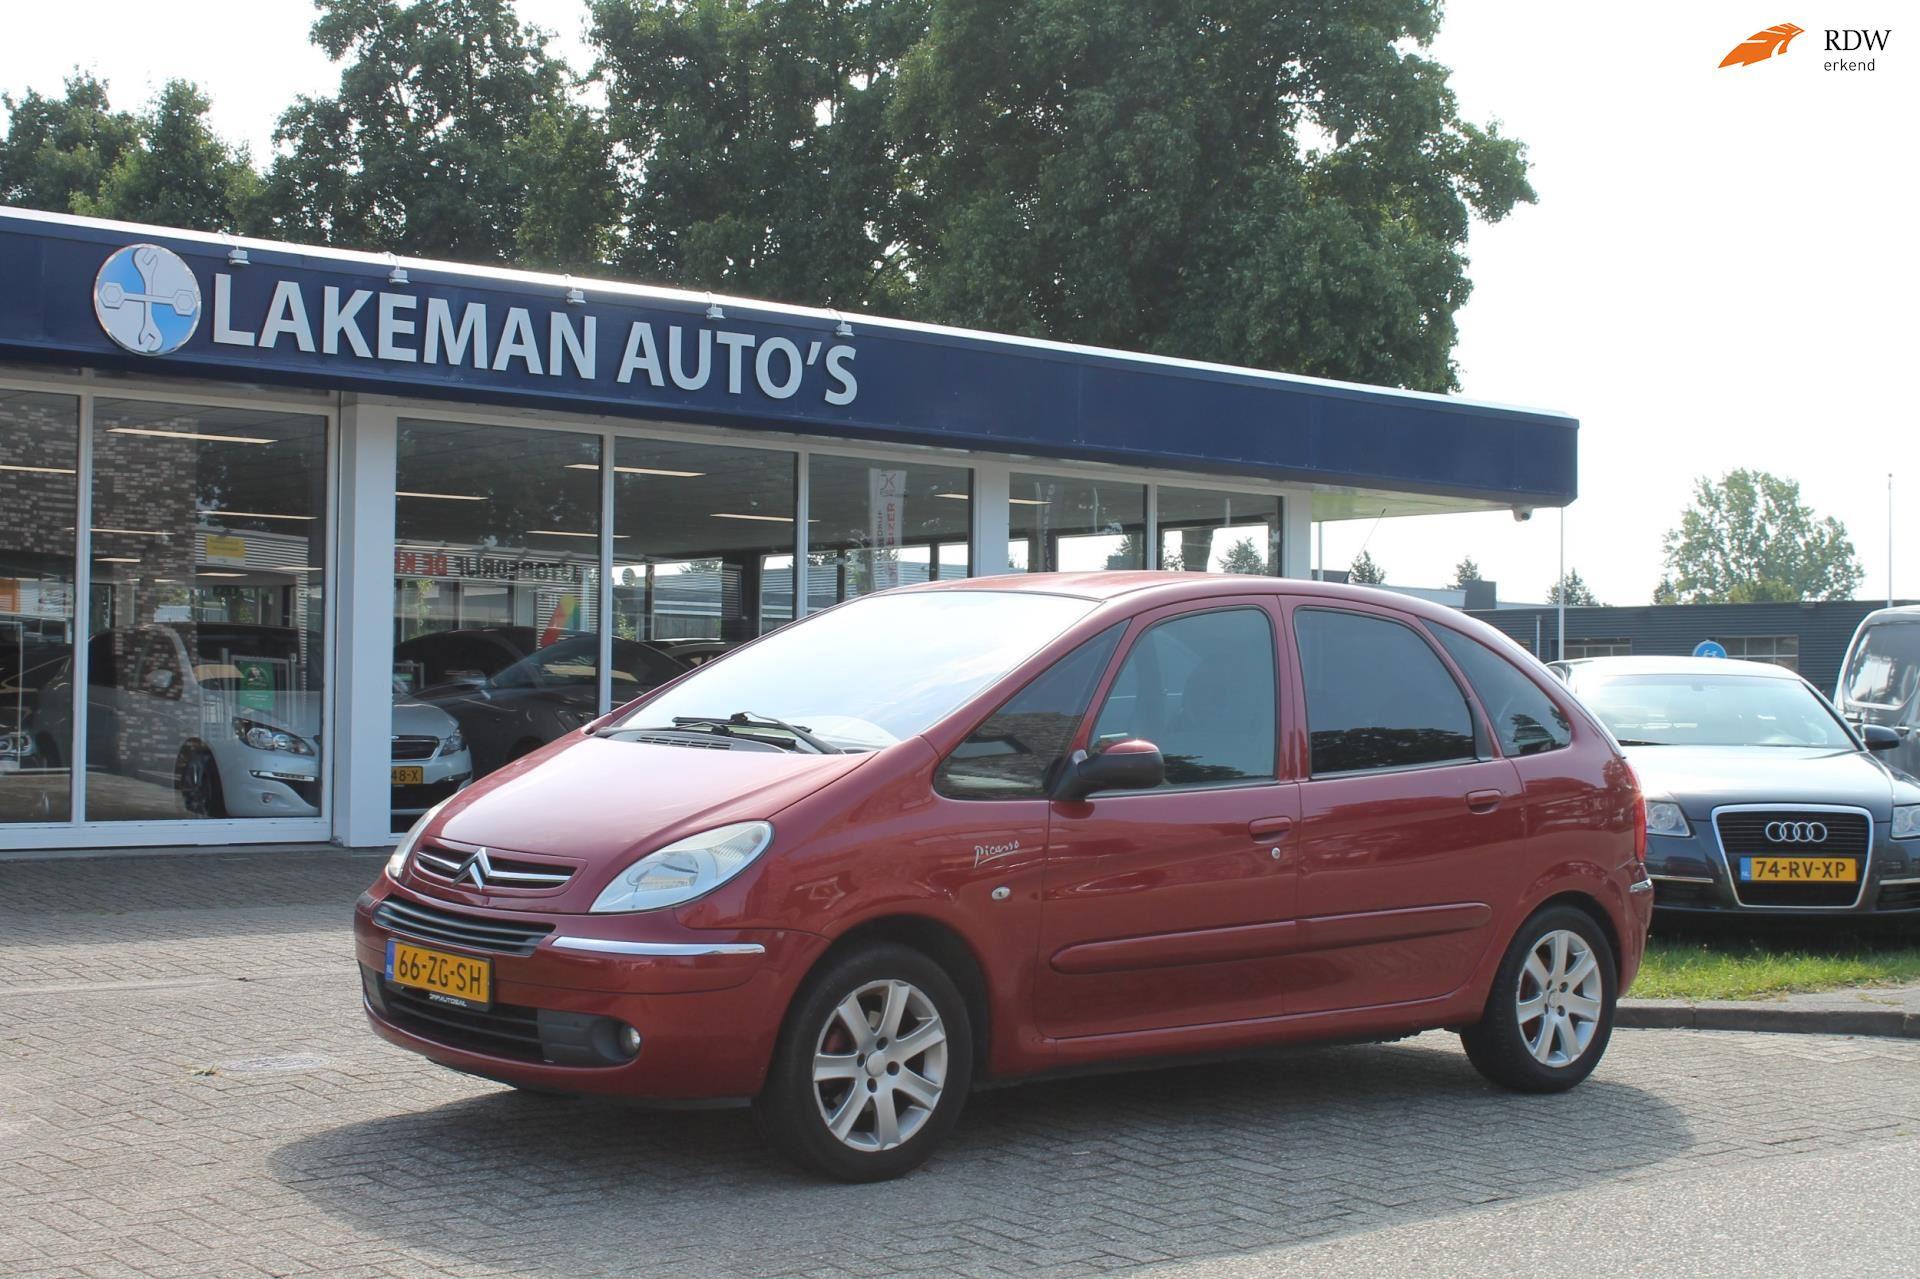 Citroen Xsara Picasso occasion - Lakeman auto's Almere B.V.